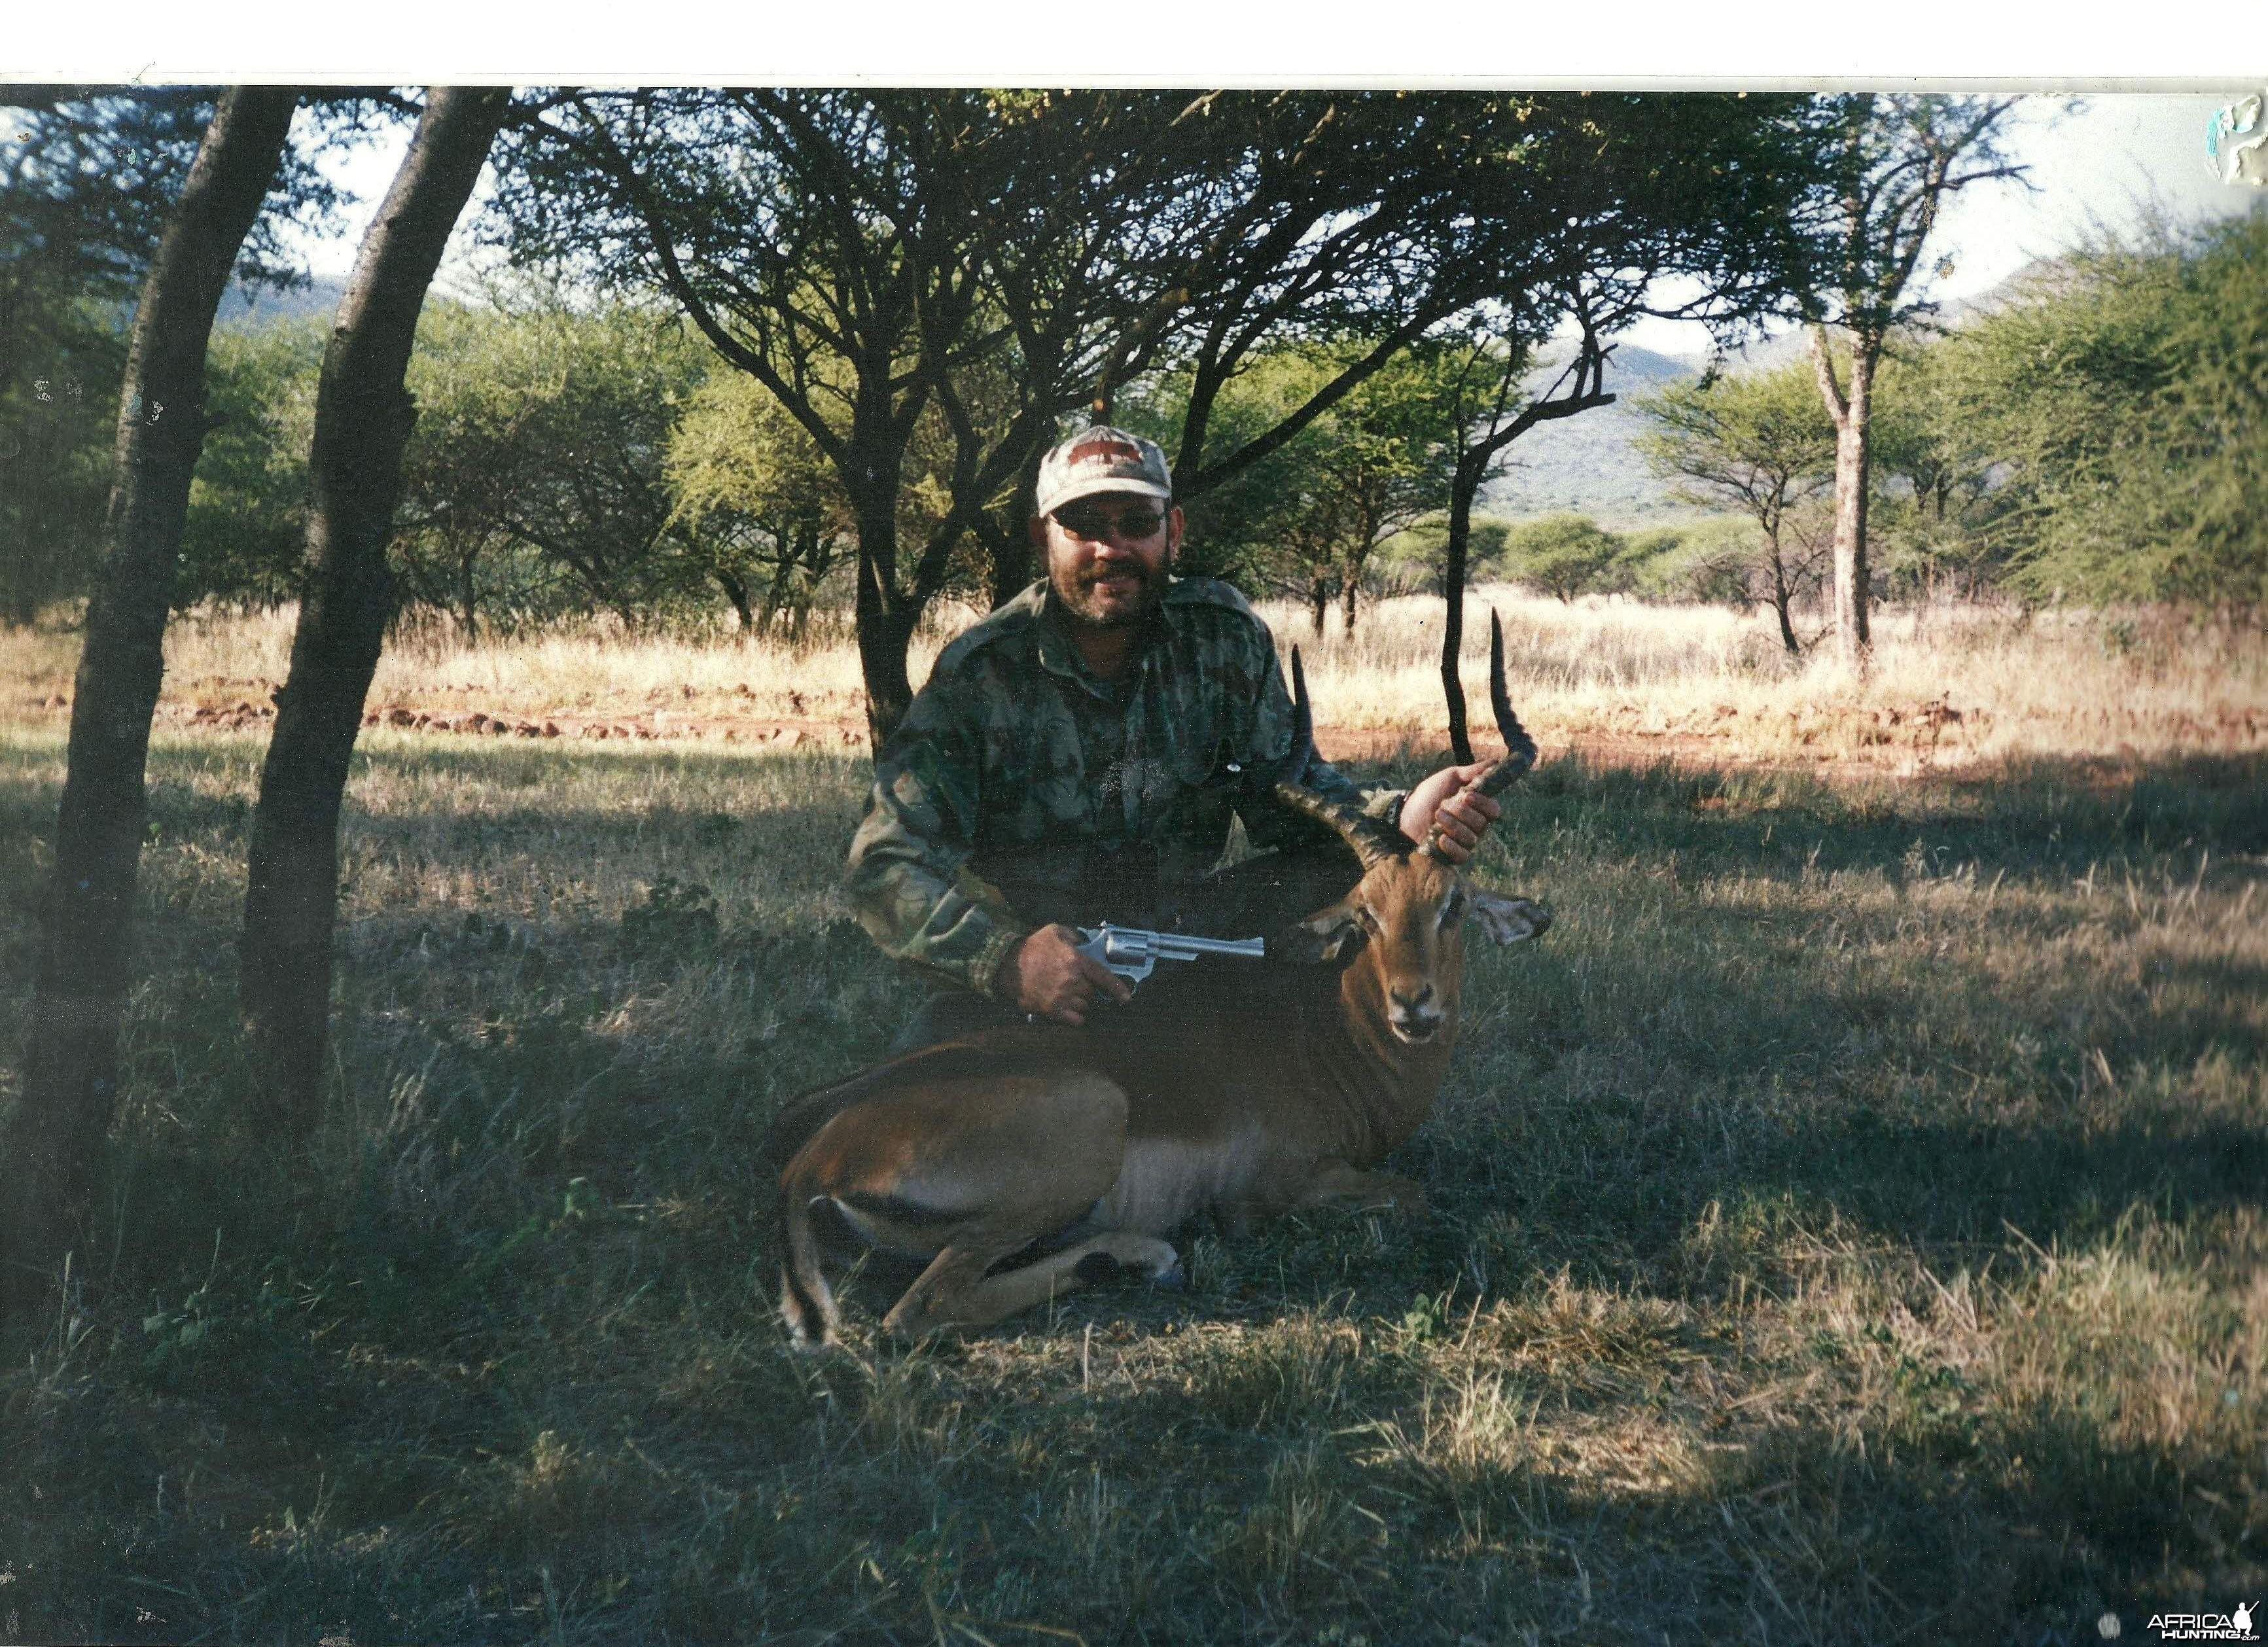 357 mag impala + 20 m stalk